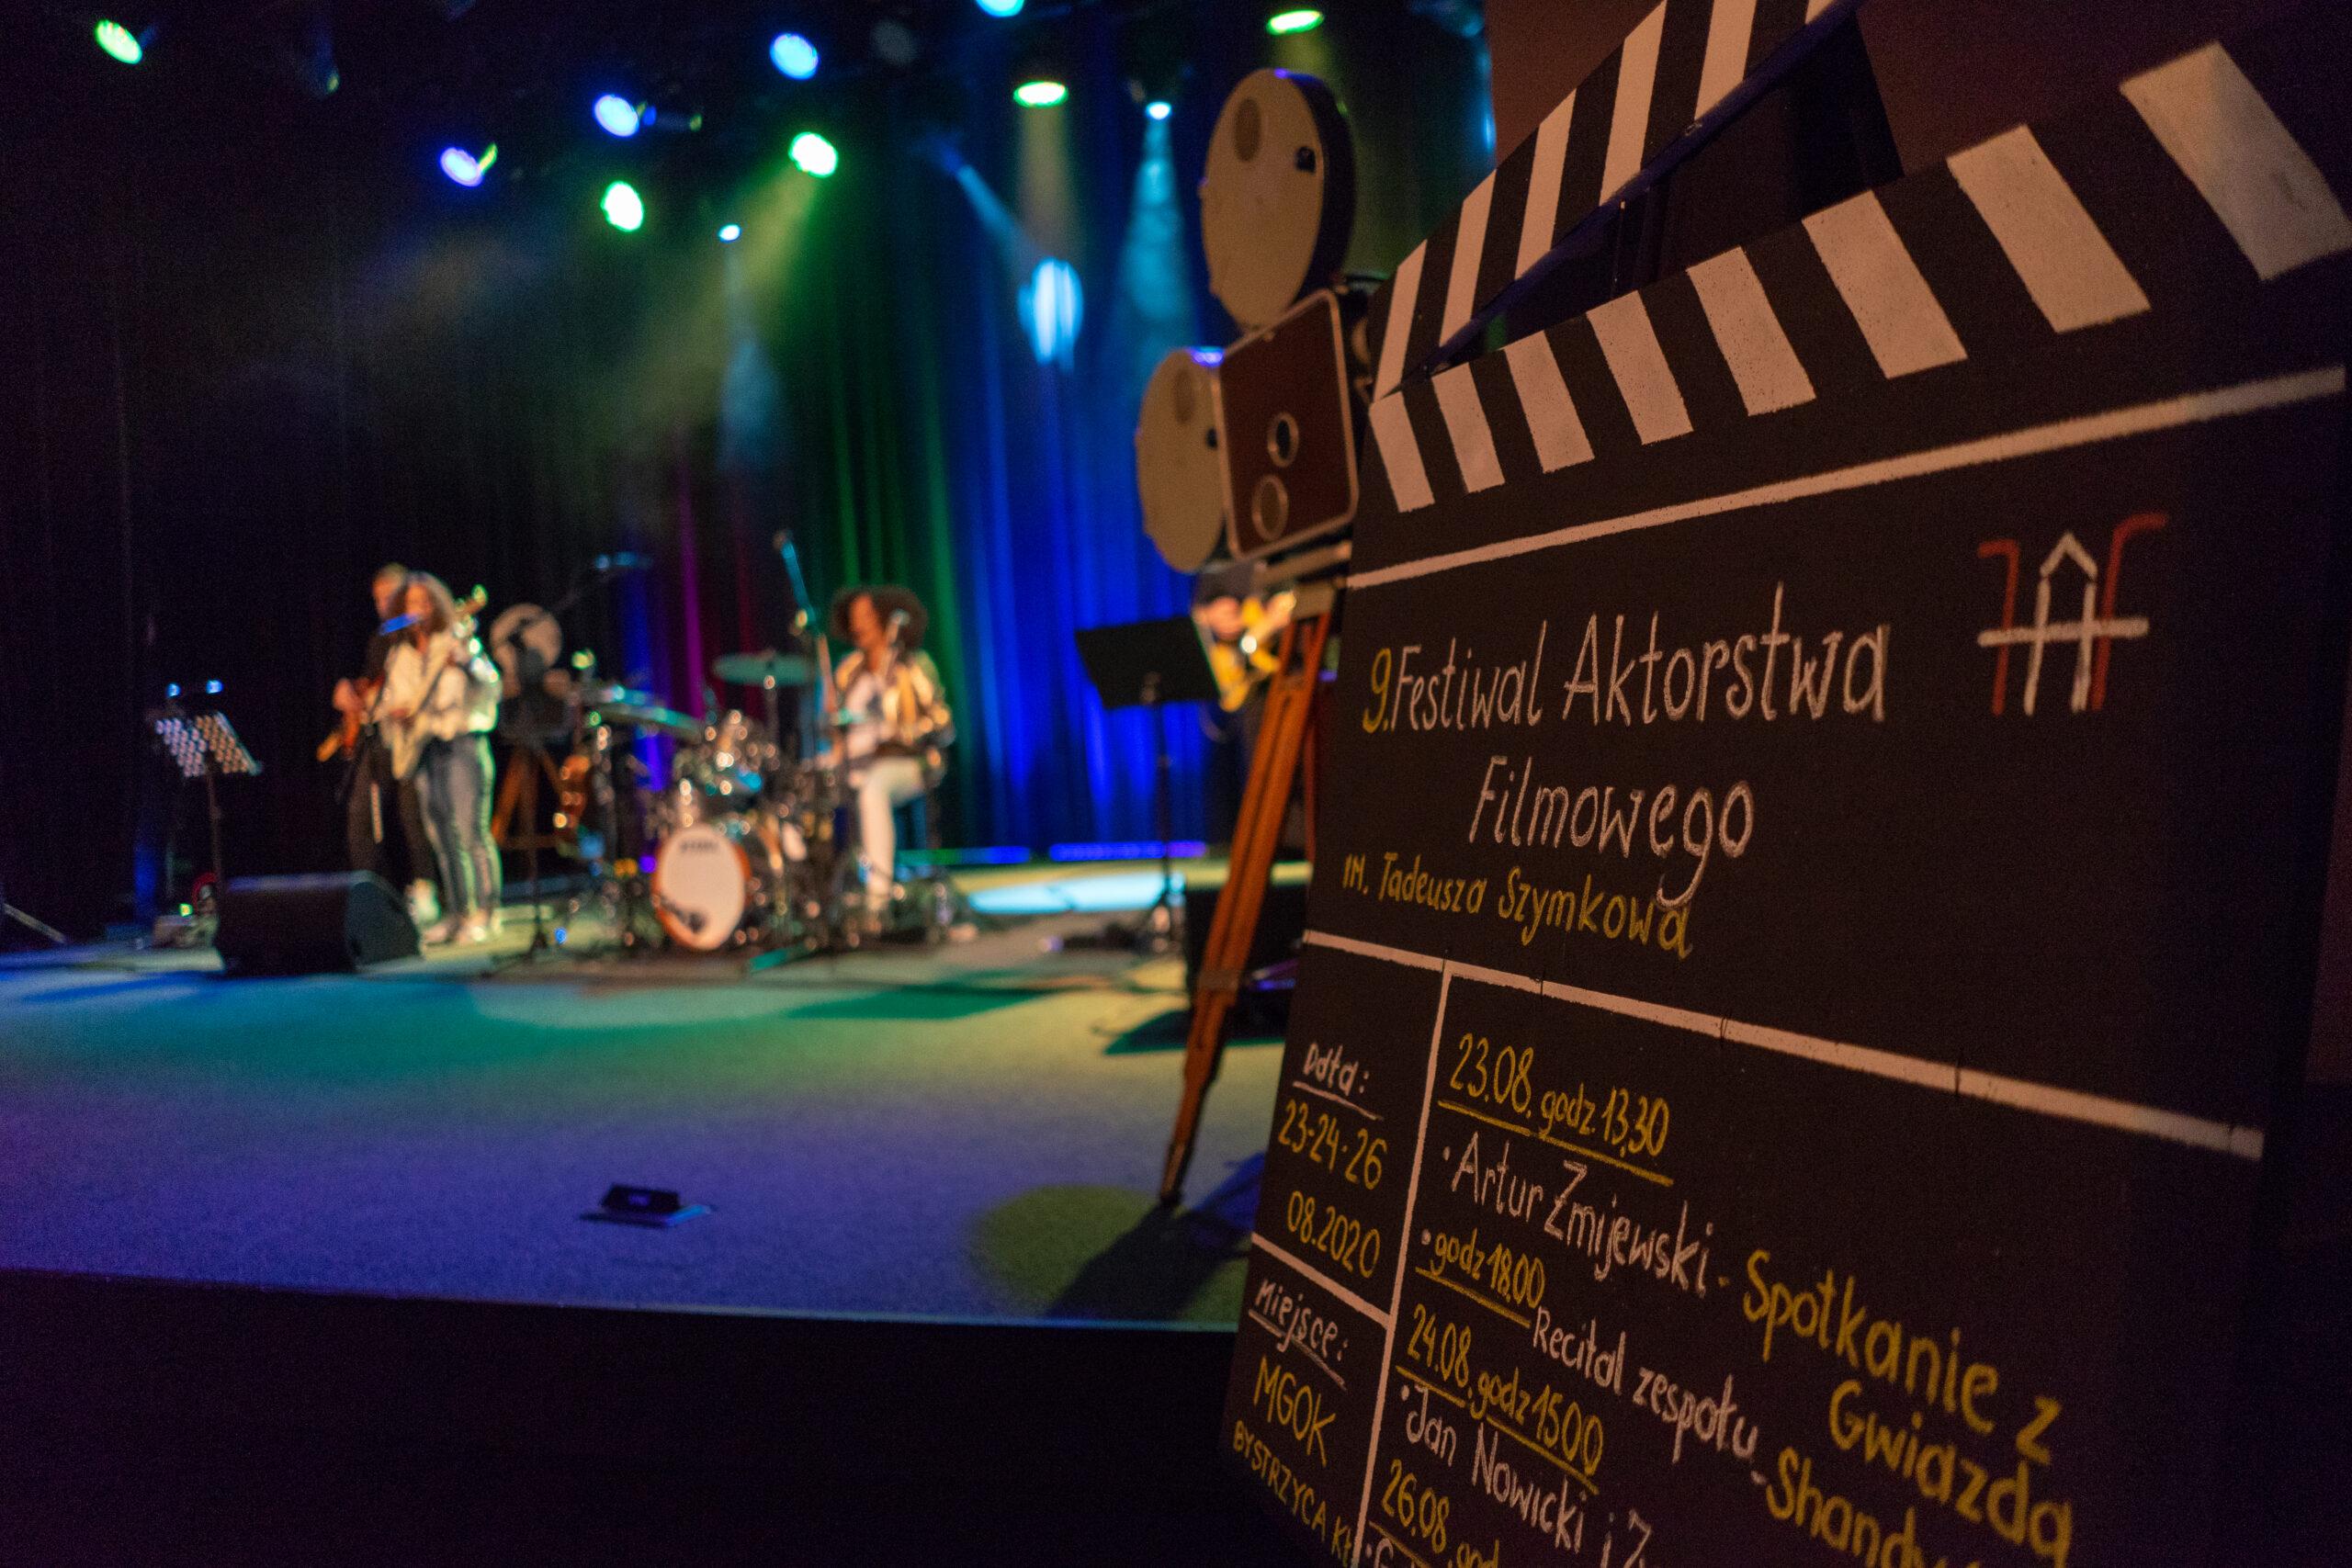 Festiwal Aktorstwa Filmowego 2020